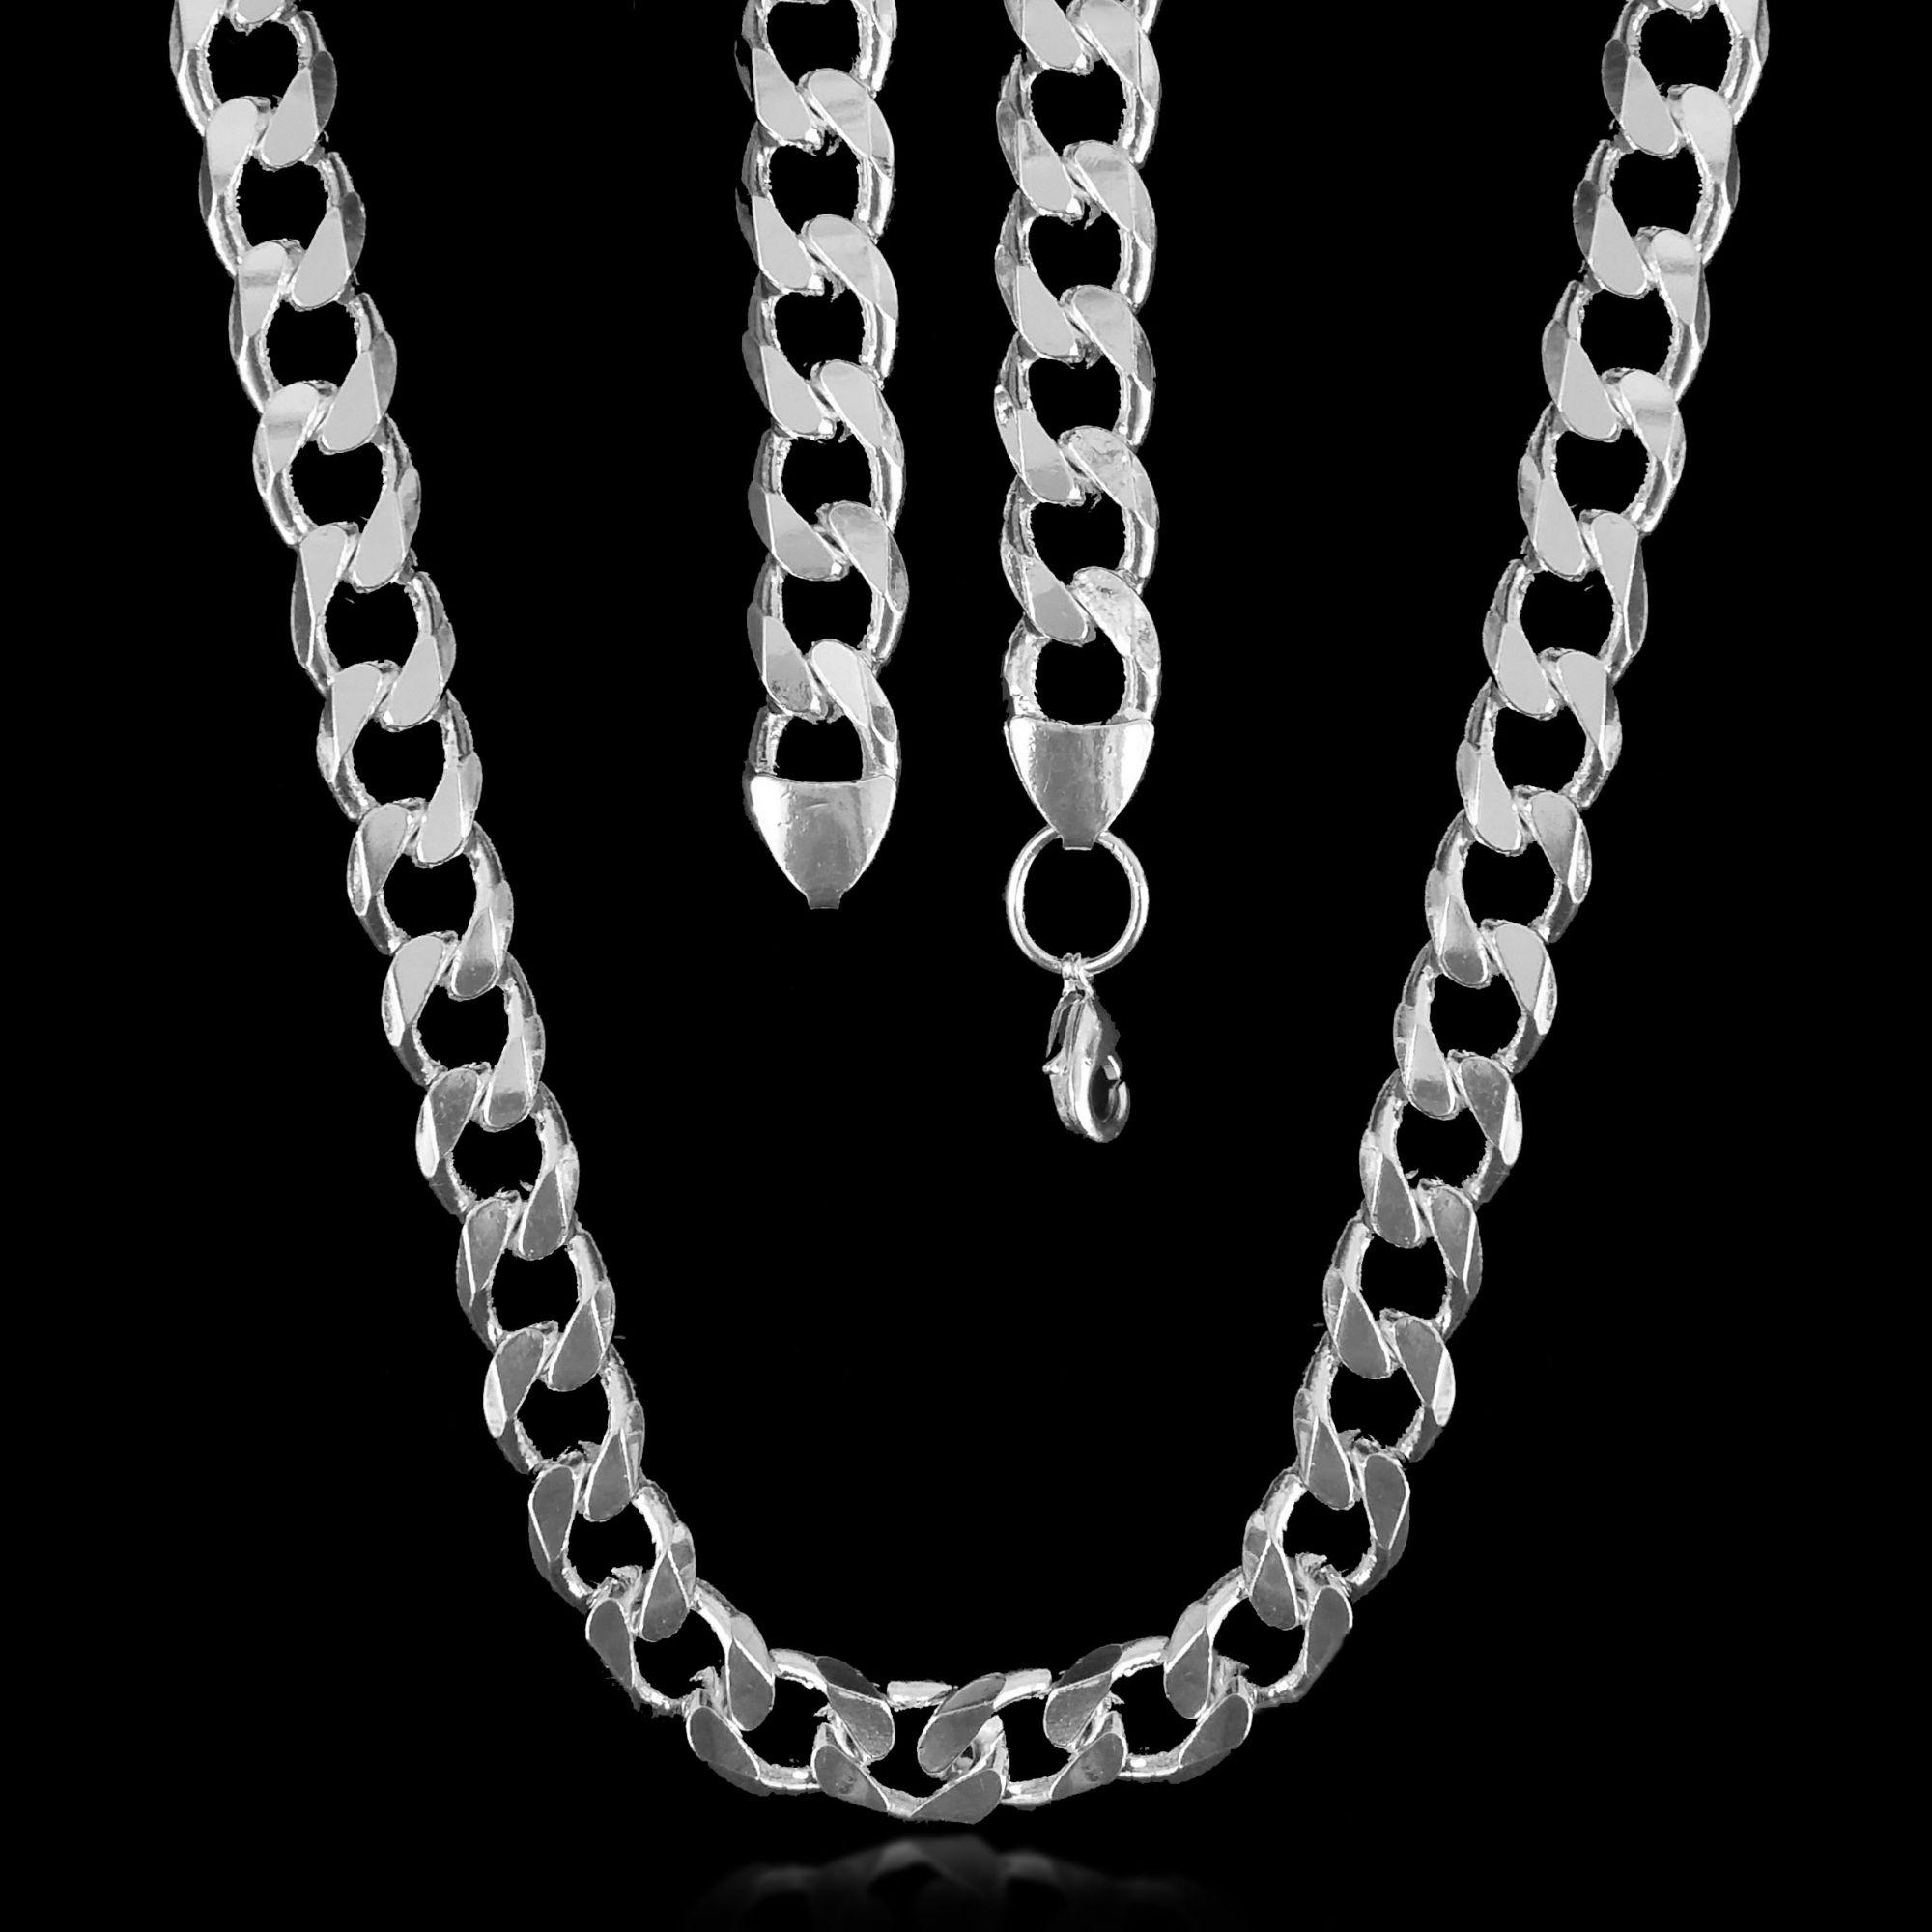 4ffe682fed produtos detalhes pulseira masculina com elos iguais folheado a ouro -  Busca na Lunozê Joias